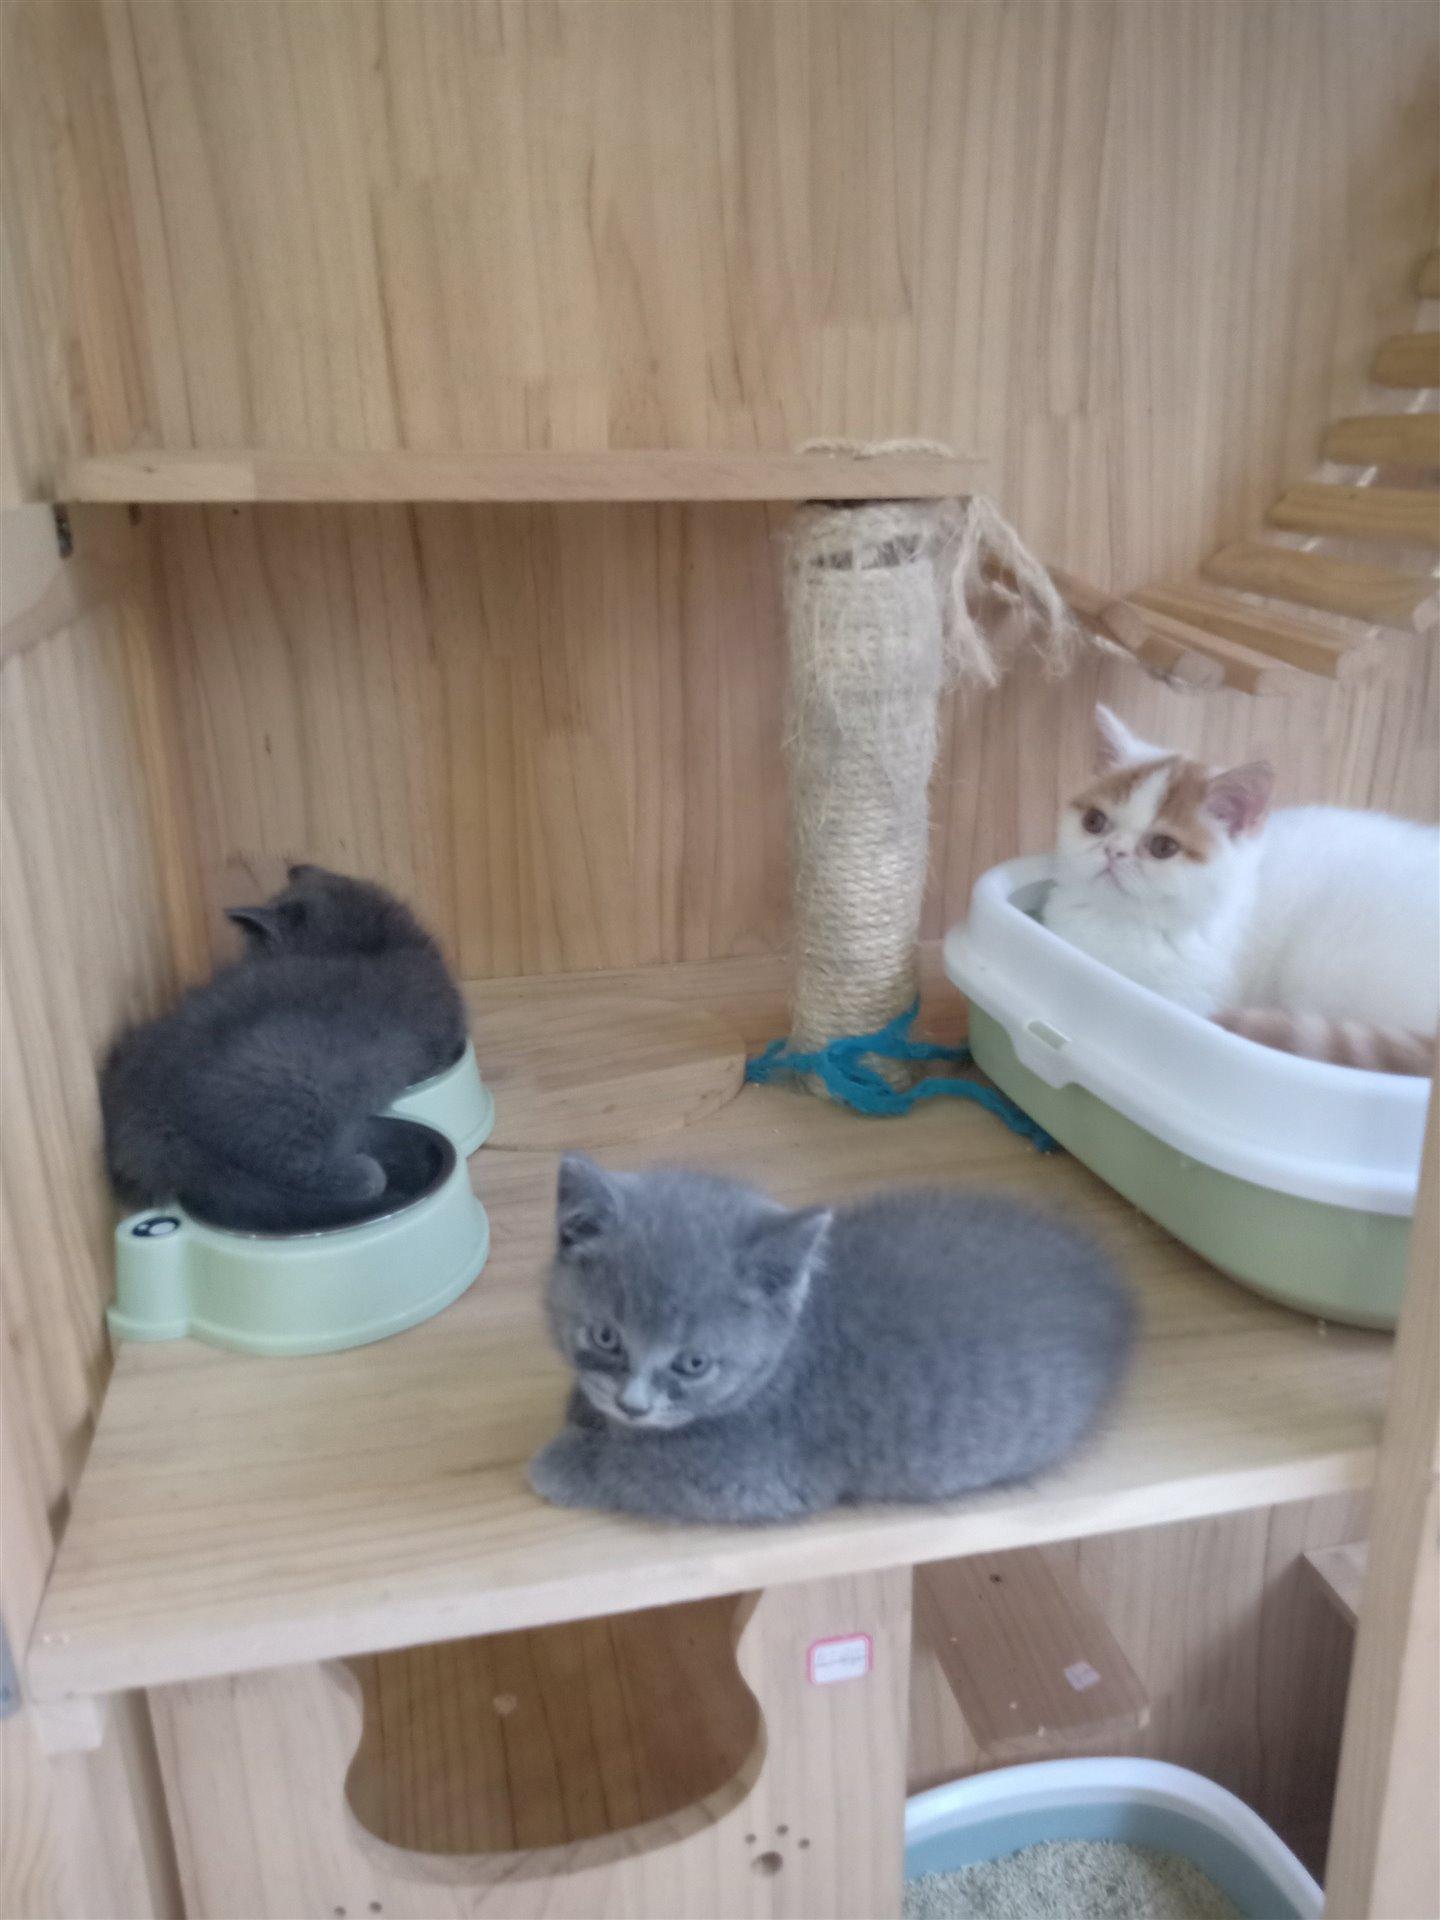 蓝猫2公1母、加菲猫、蓝白